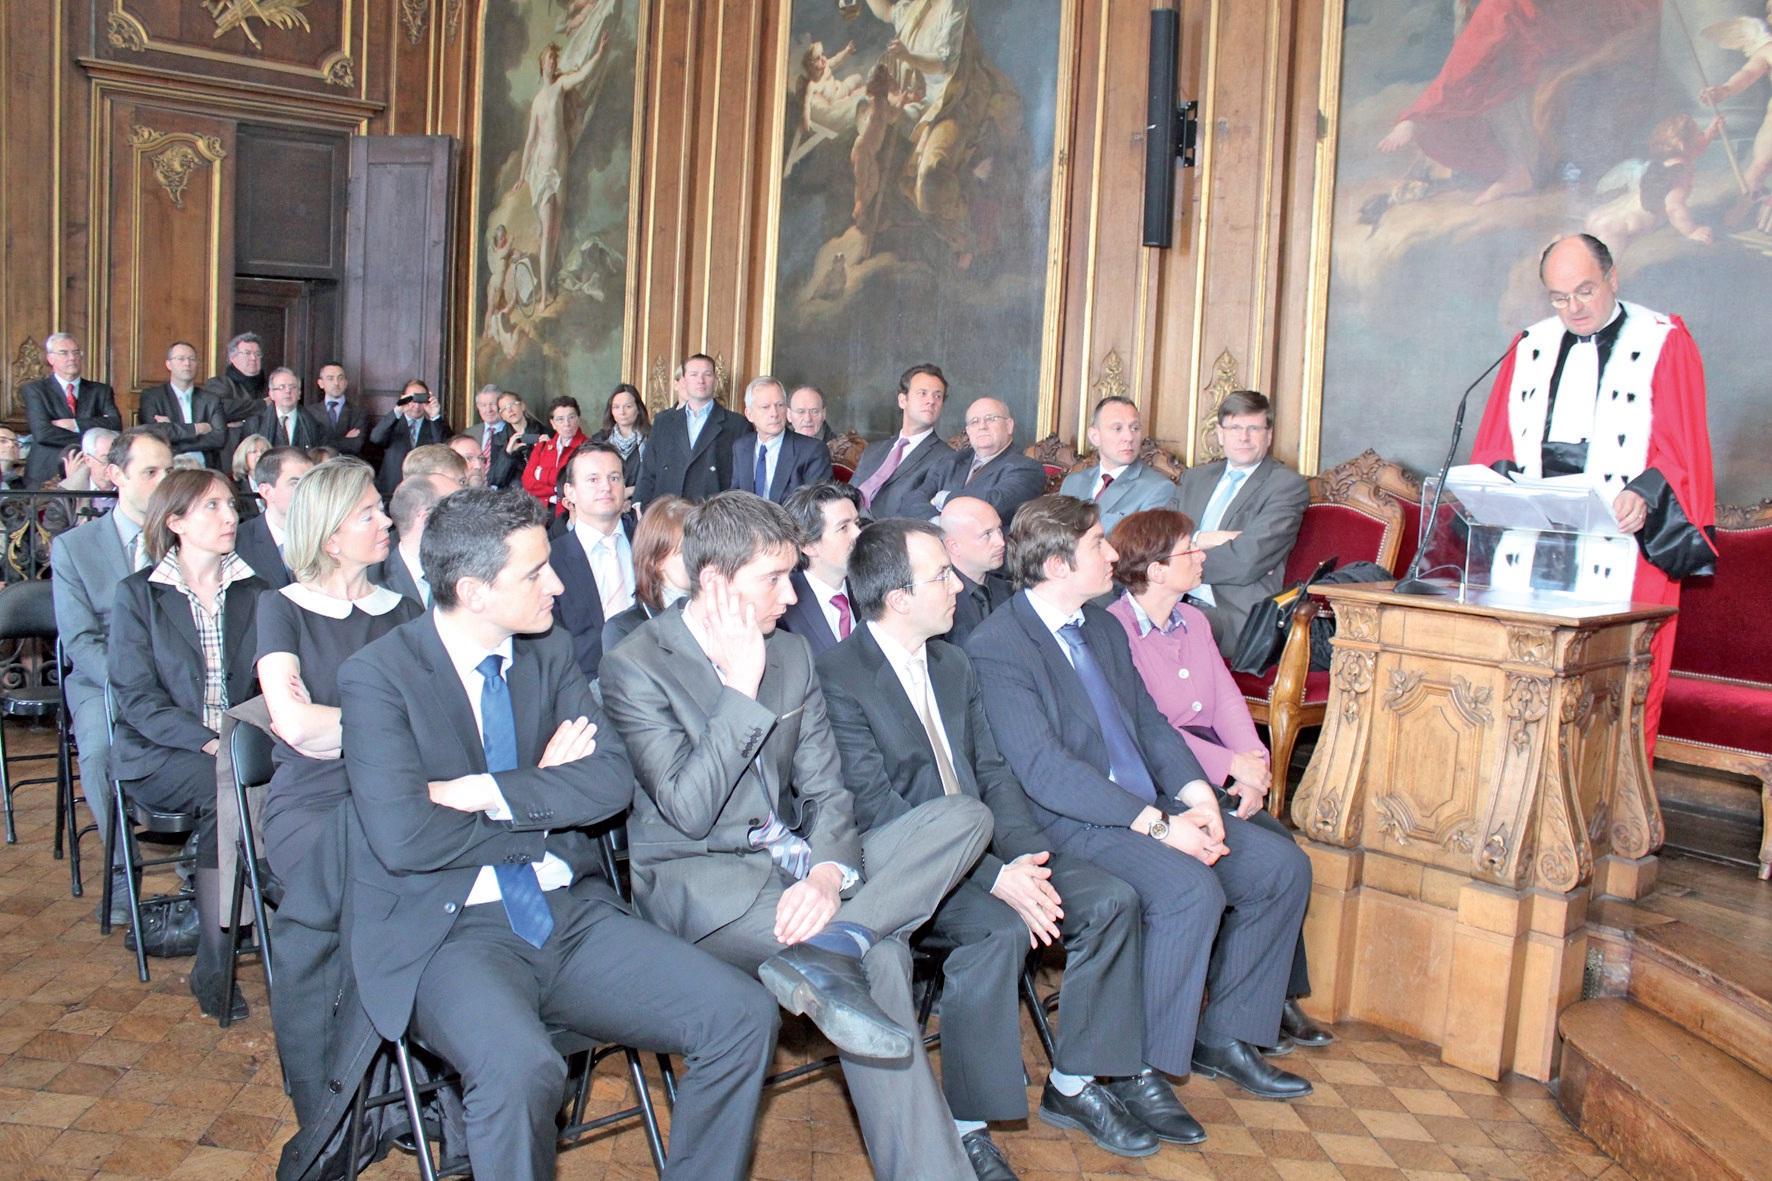 39 commissaires aux comptes ont prêté serment à Douai.